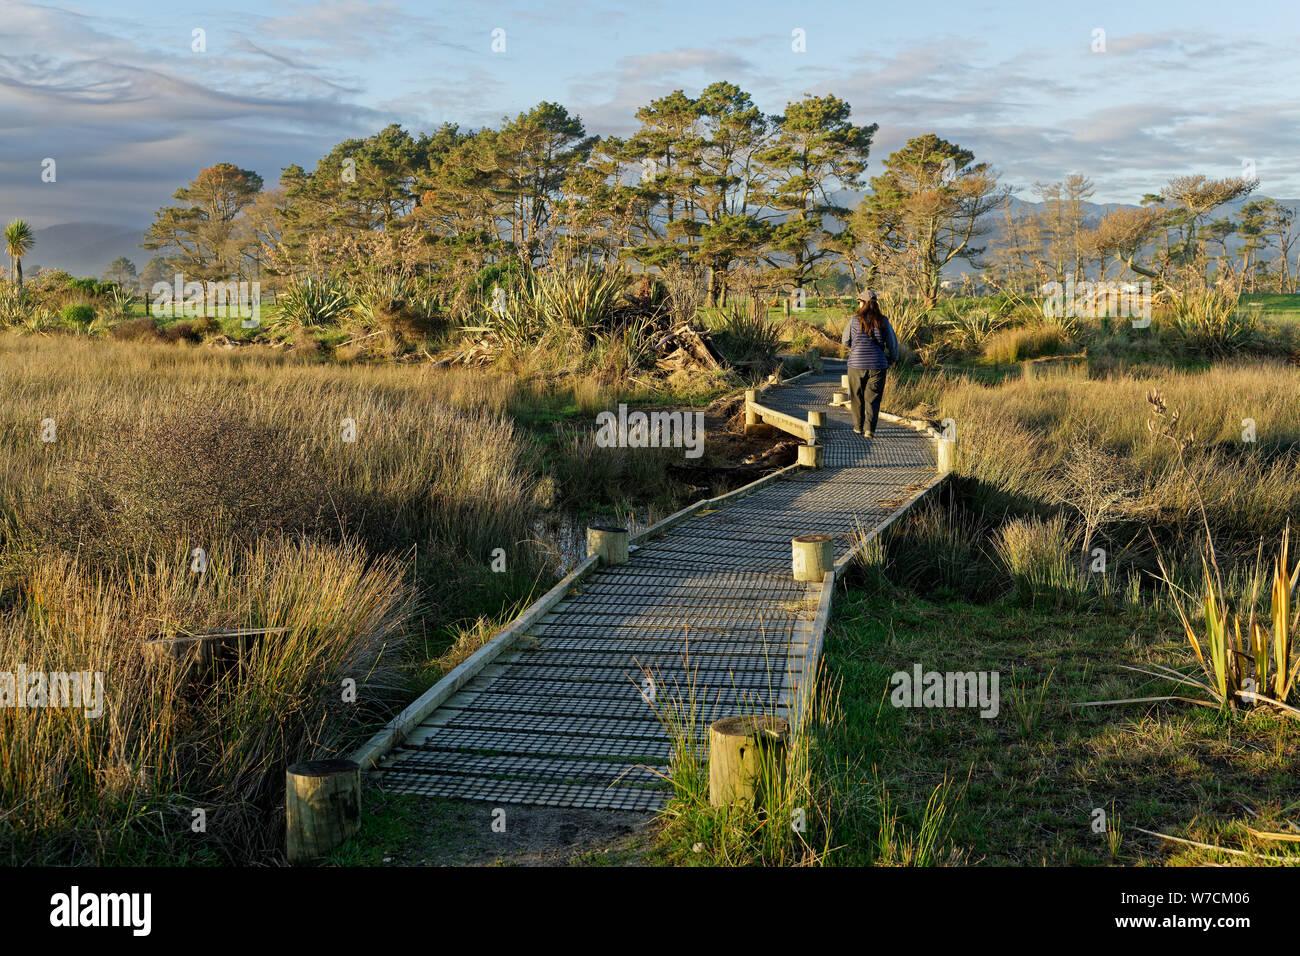 Estuario paseo boardwalk Karamea, región de la costa oeste, Nueva Zelanda. Foto de stock